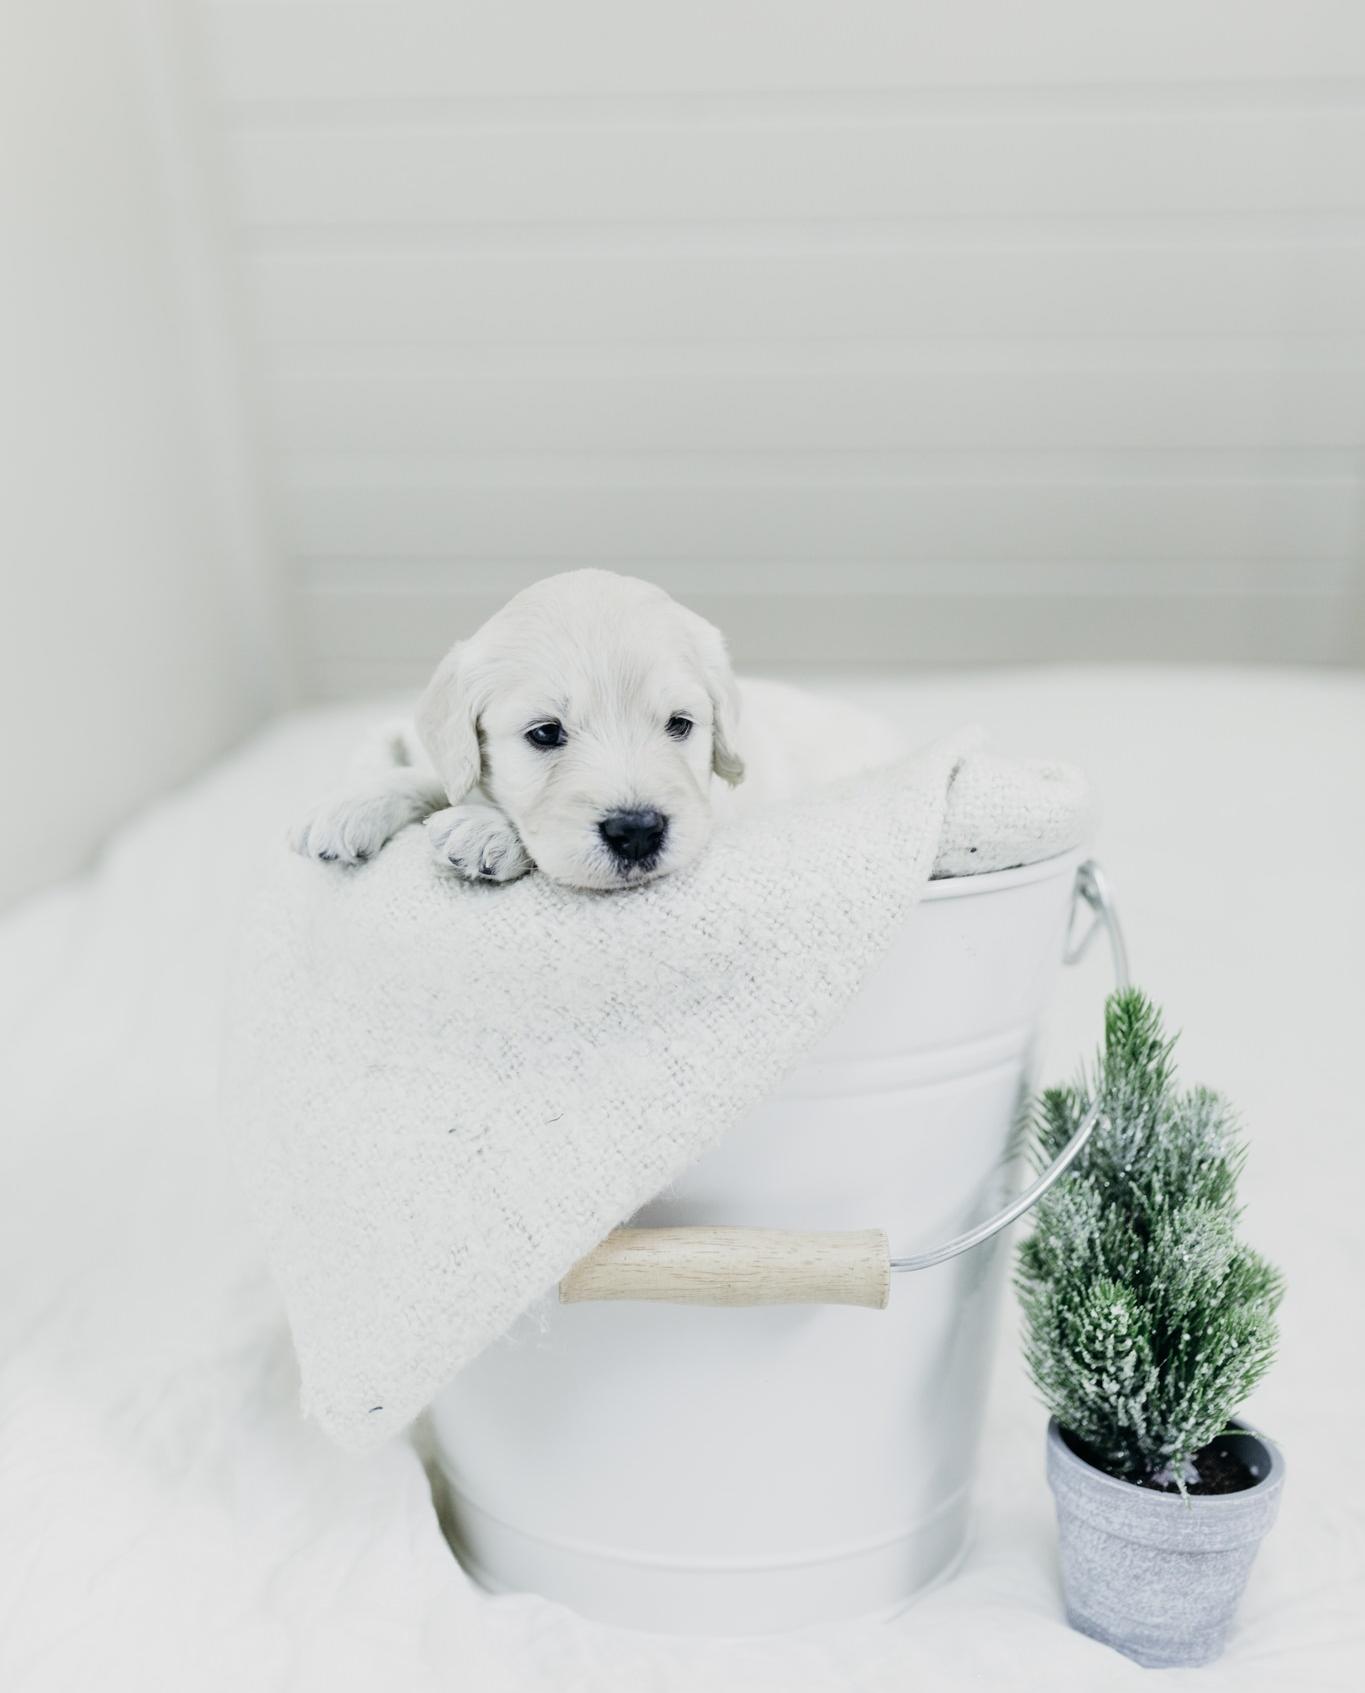 Puppies-Week-3 (2).jpg